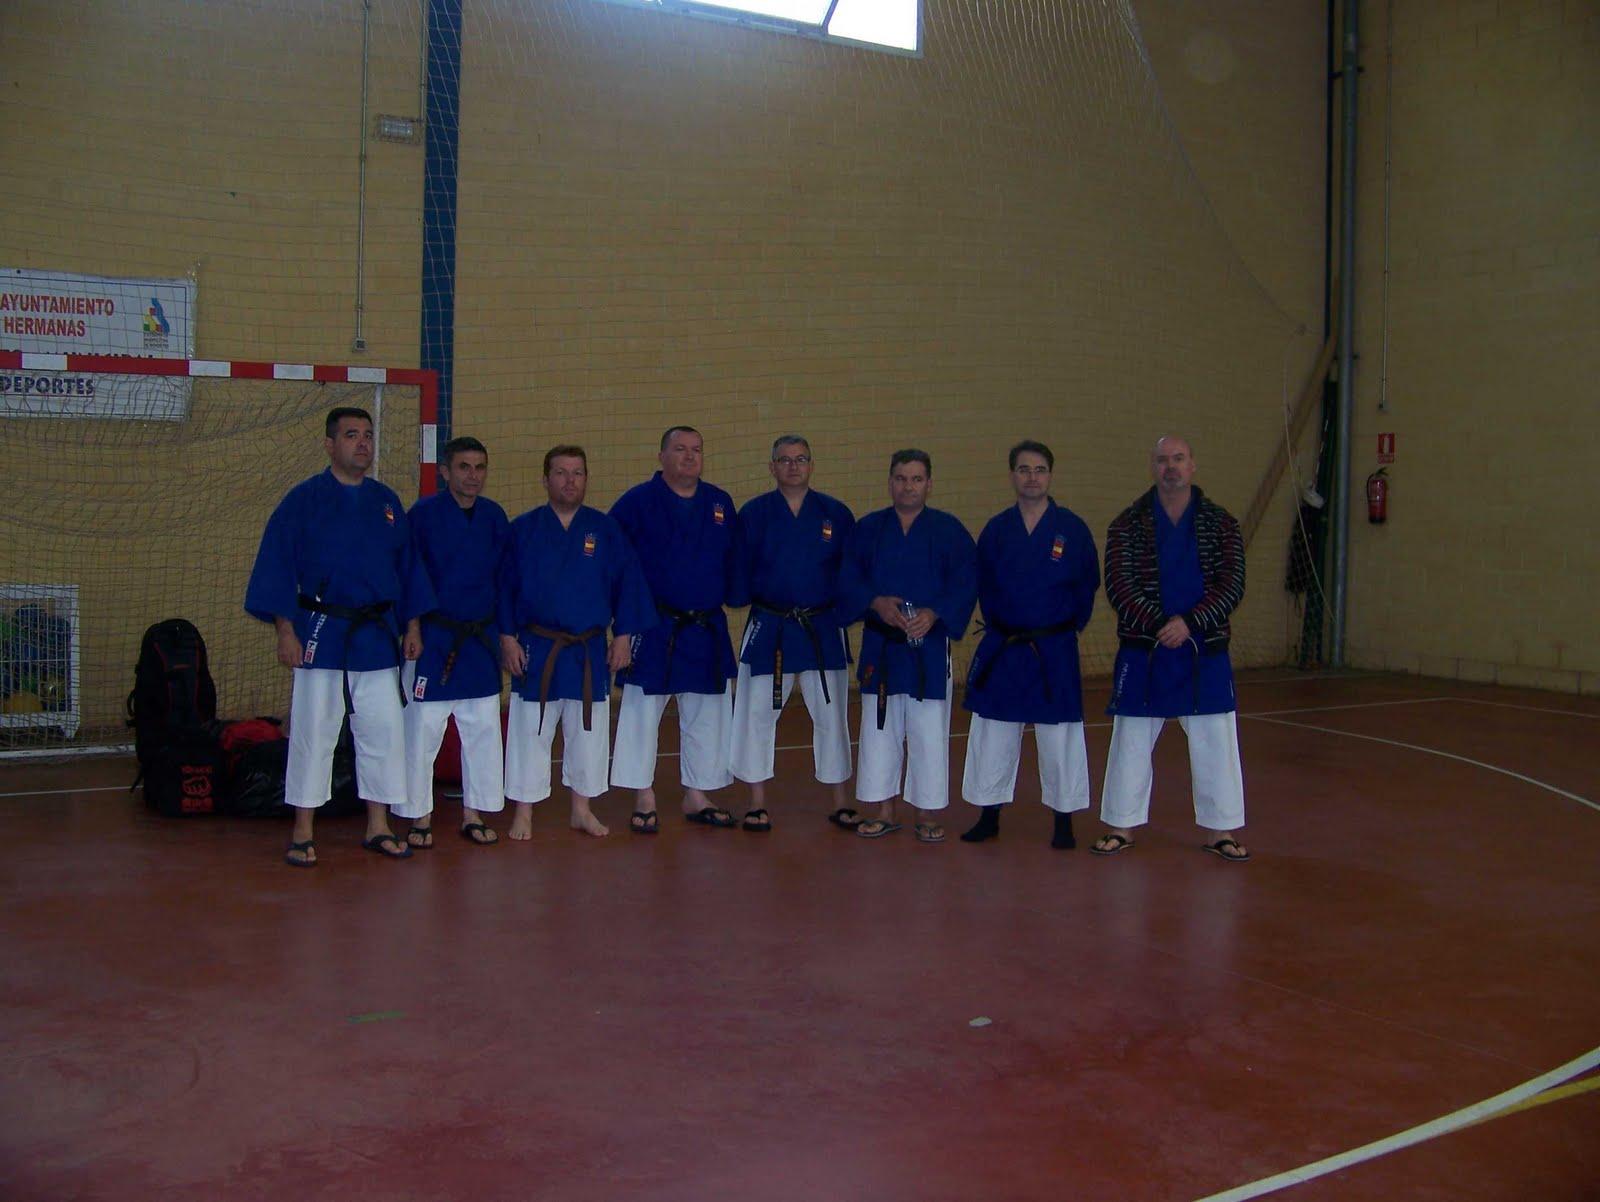 Artes marciales motril seminario de goshin en sevilla 2011 - Artes marciales sevilla ...